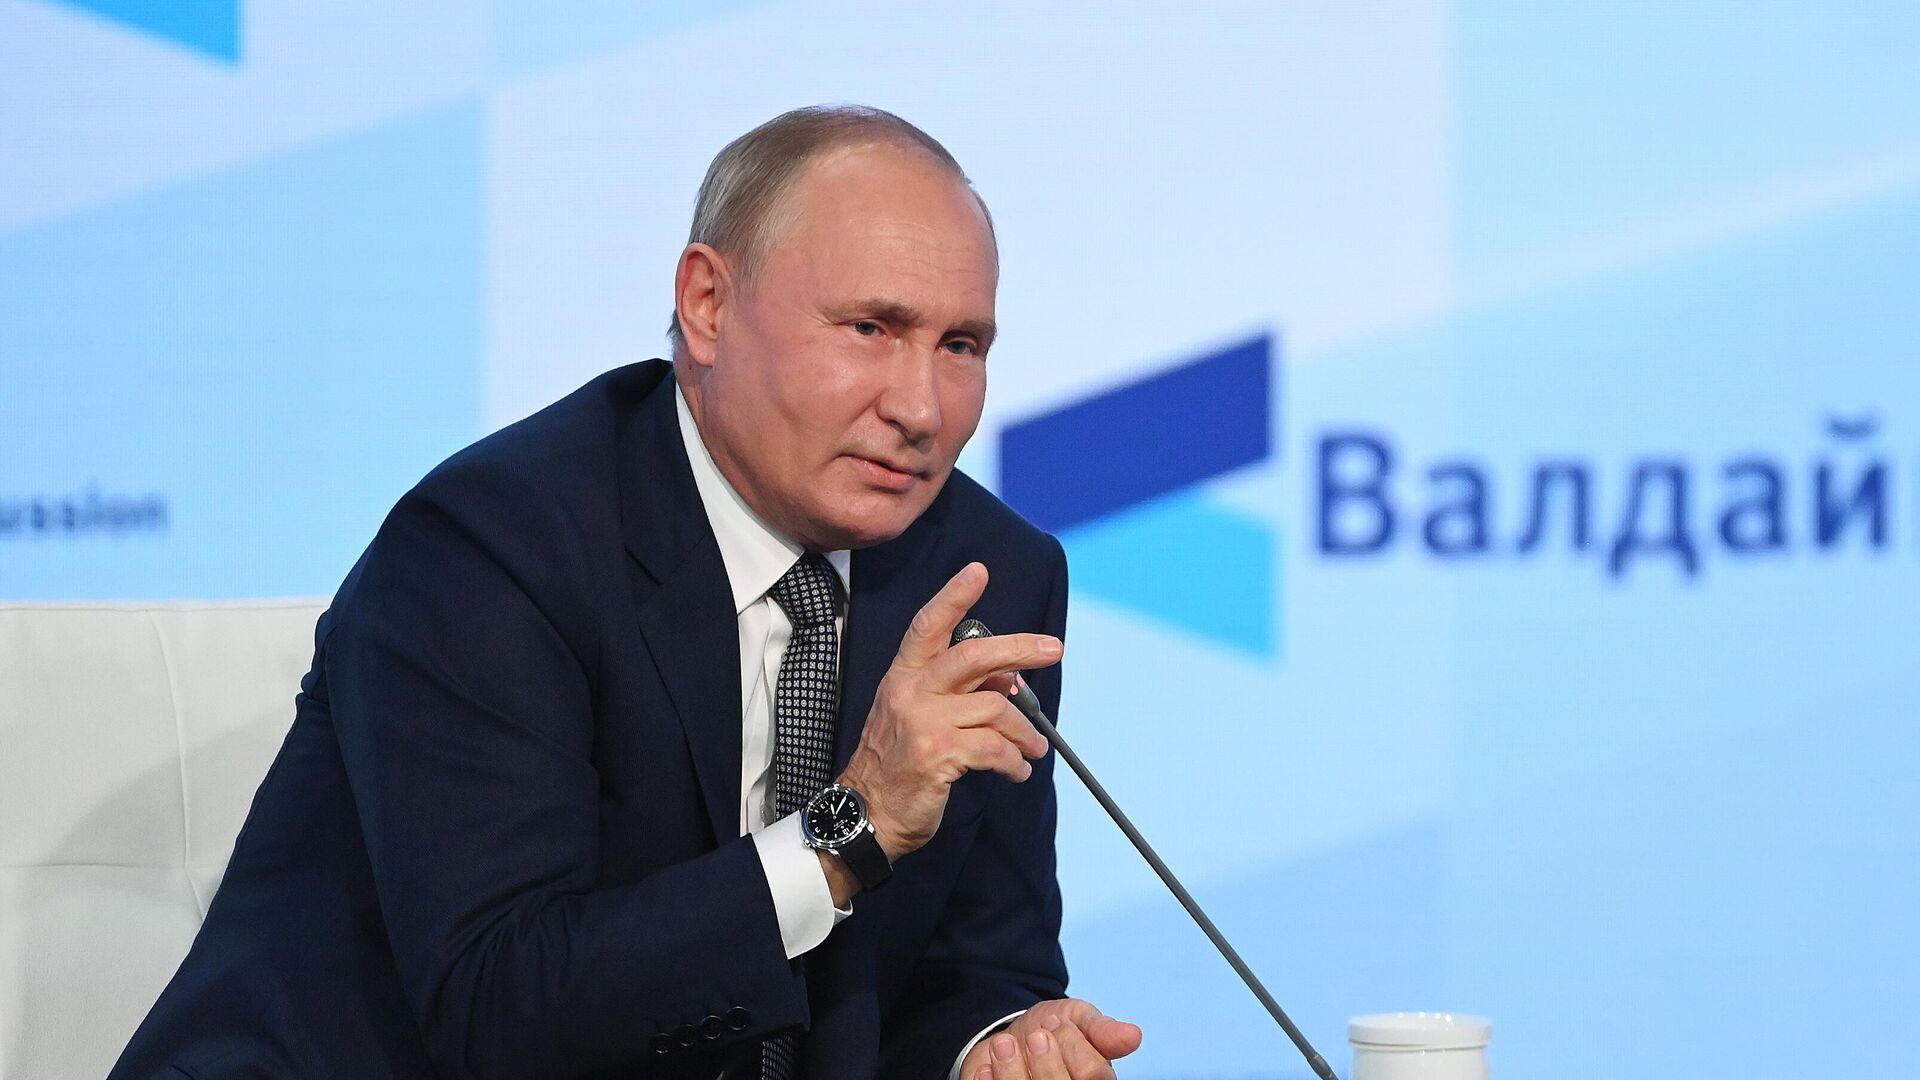 """Политолог оценил речь Путина на """"Валдае"""" - РИА Новости, 22.10.2021"""